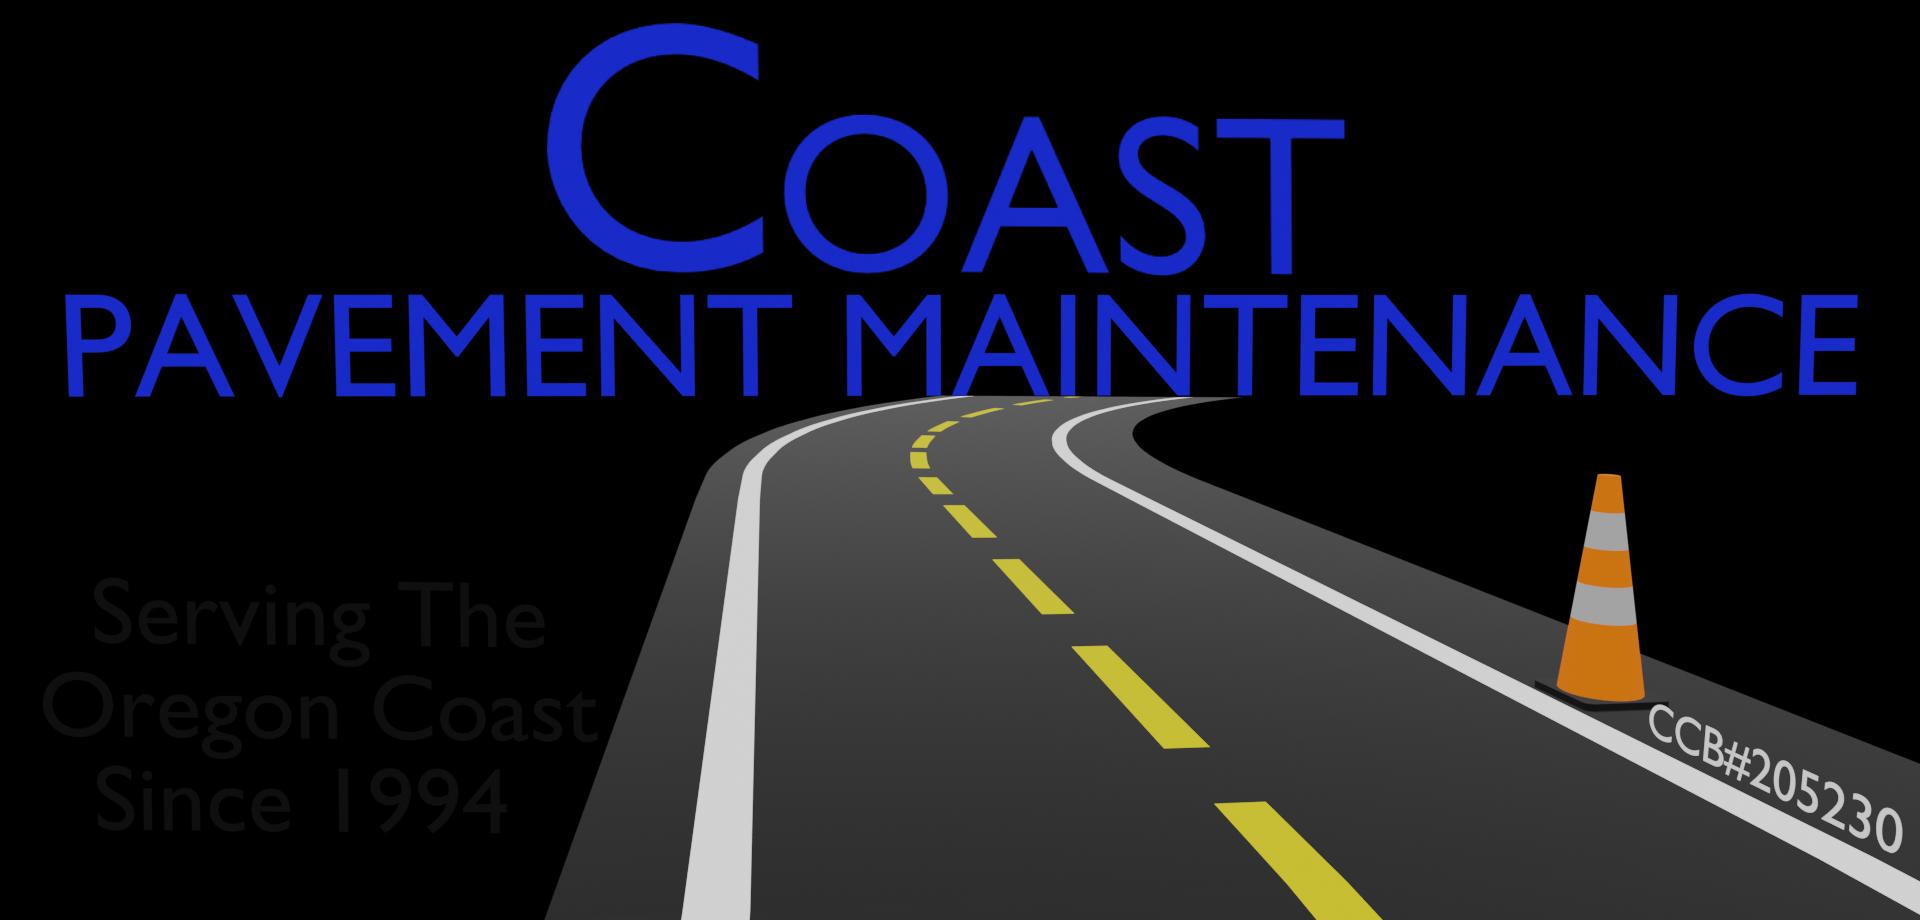 Coast Pavement Maintenance